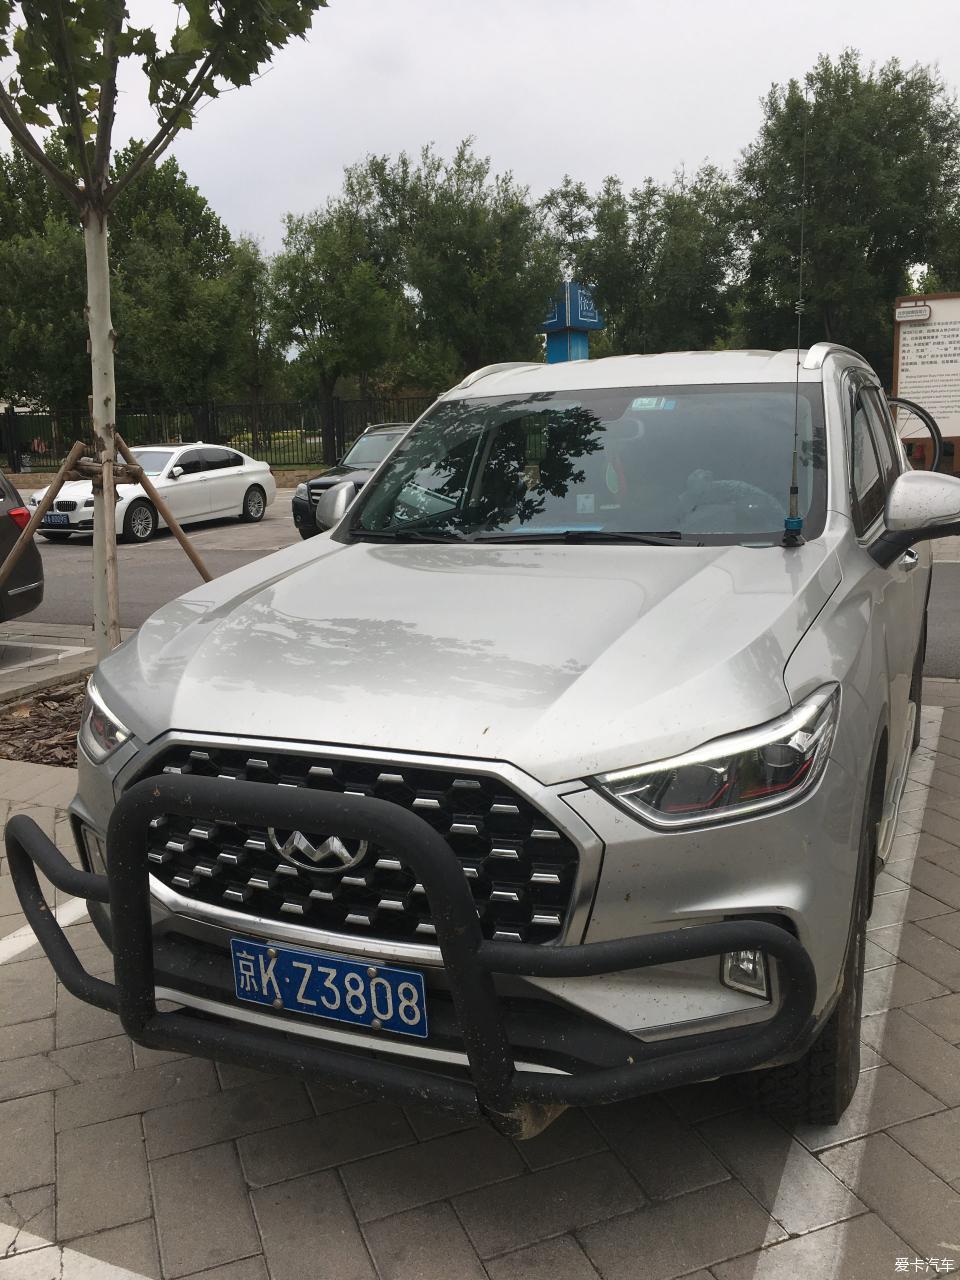 【帝玖龗】北京园博园2018国际铁人三项赛战